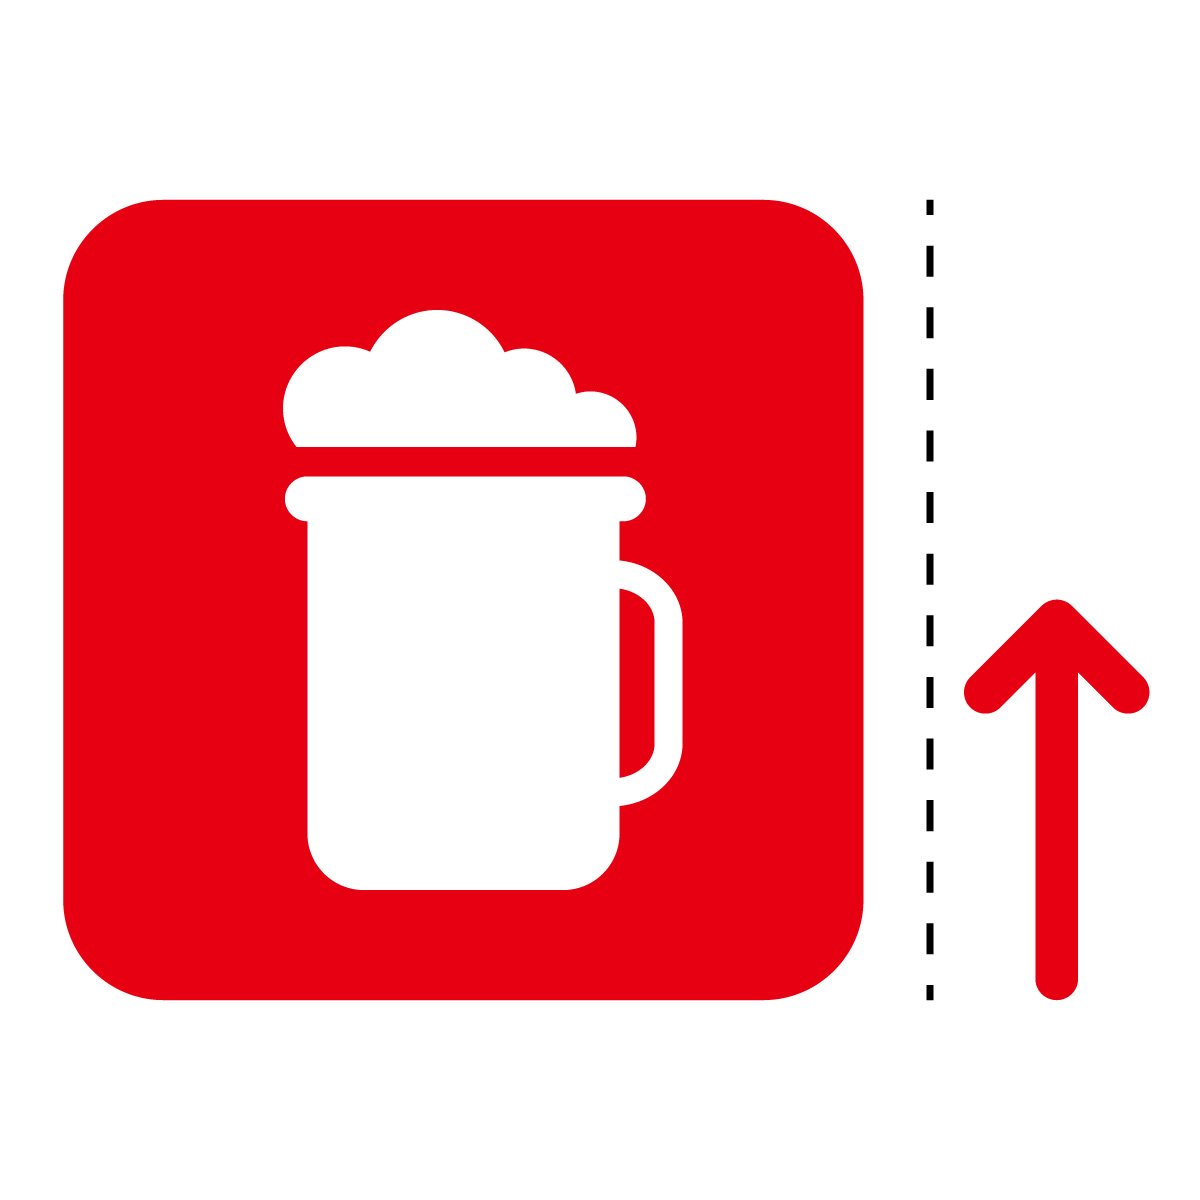 赤色のビール アルコール 案内 販売 マーク(矢印付き)のカッティング ステッカー シール 光沢タイプ・防水・耐水・屋外耐候3~4年